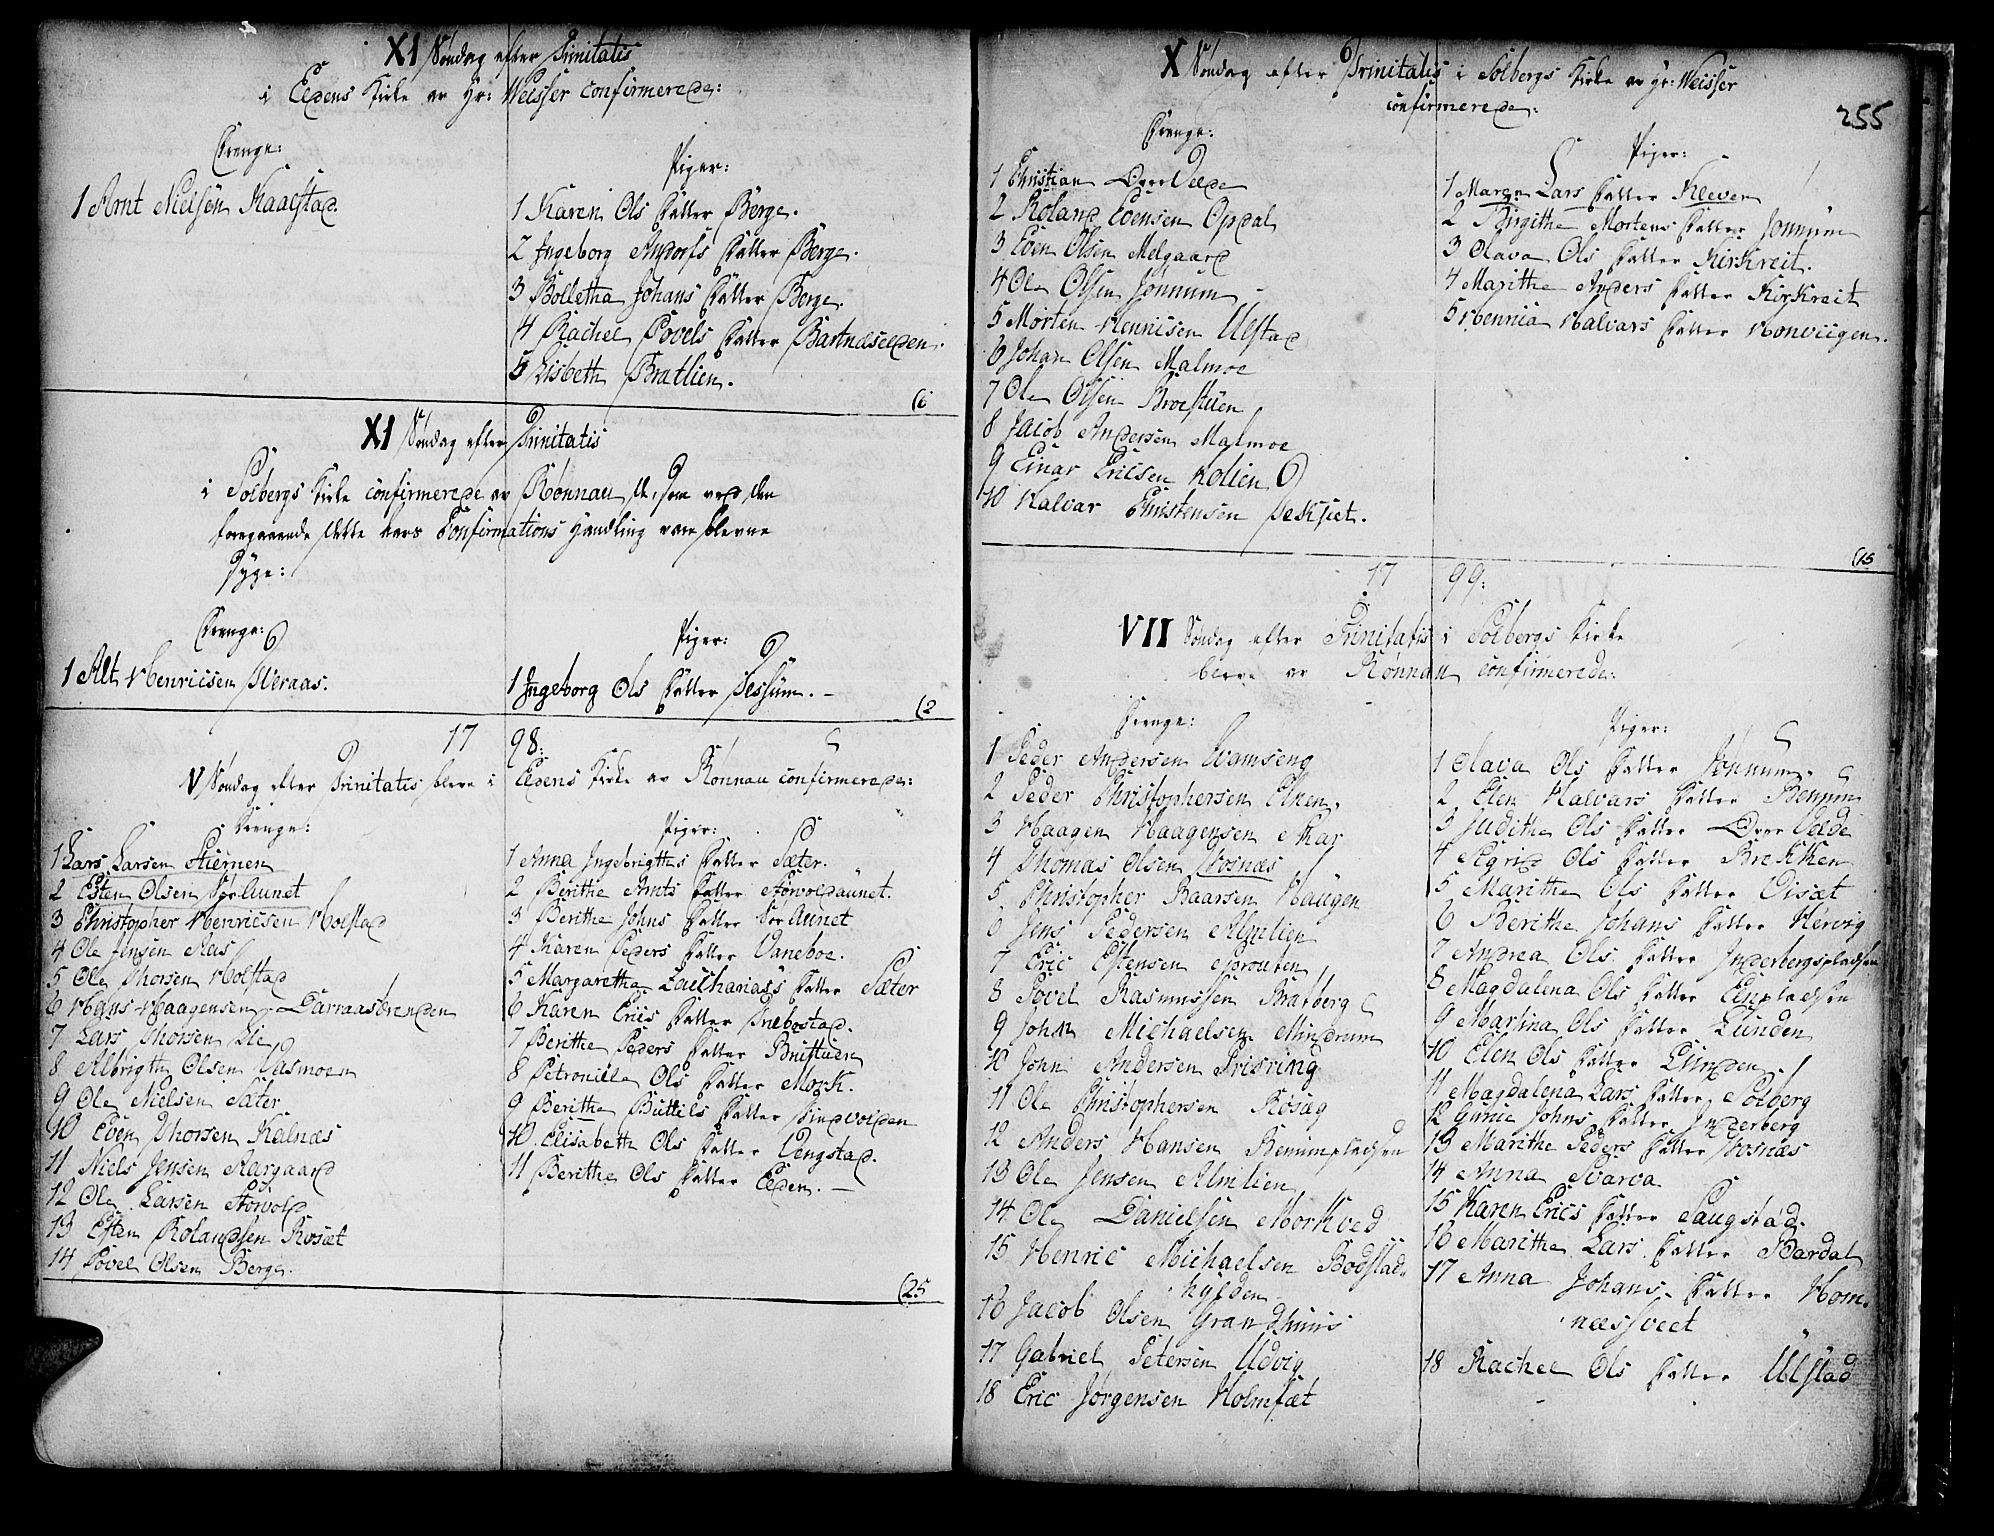 SAT, Ministerialprotokoller, klokkerbøker og fødselsregistre - Nord-Trøndelag, 741/L0385: Ministerialbok nr. 741A01, 1722-1815, s. 255